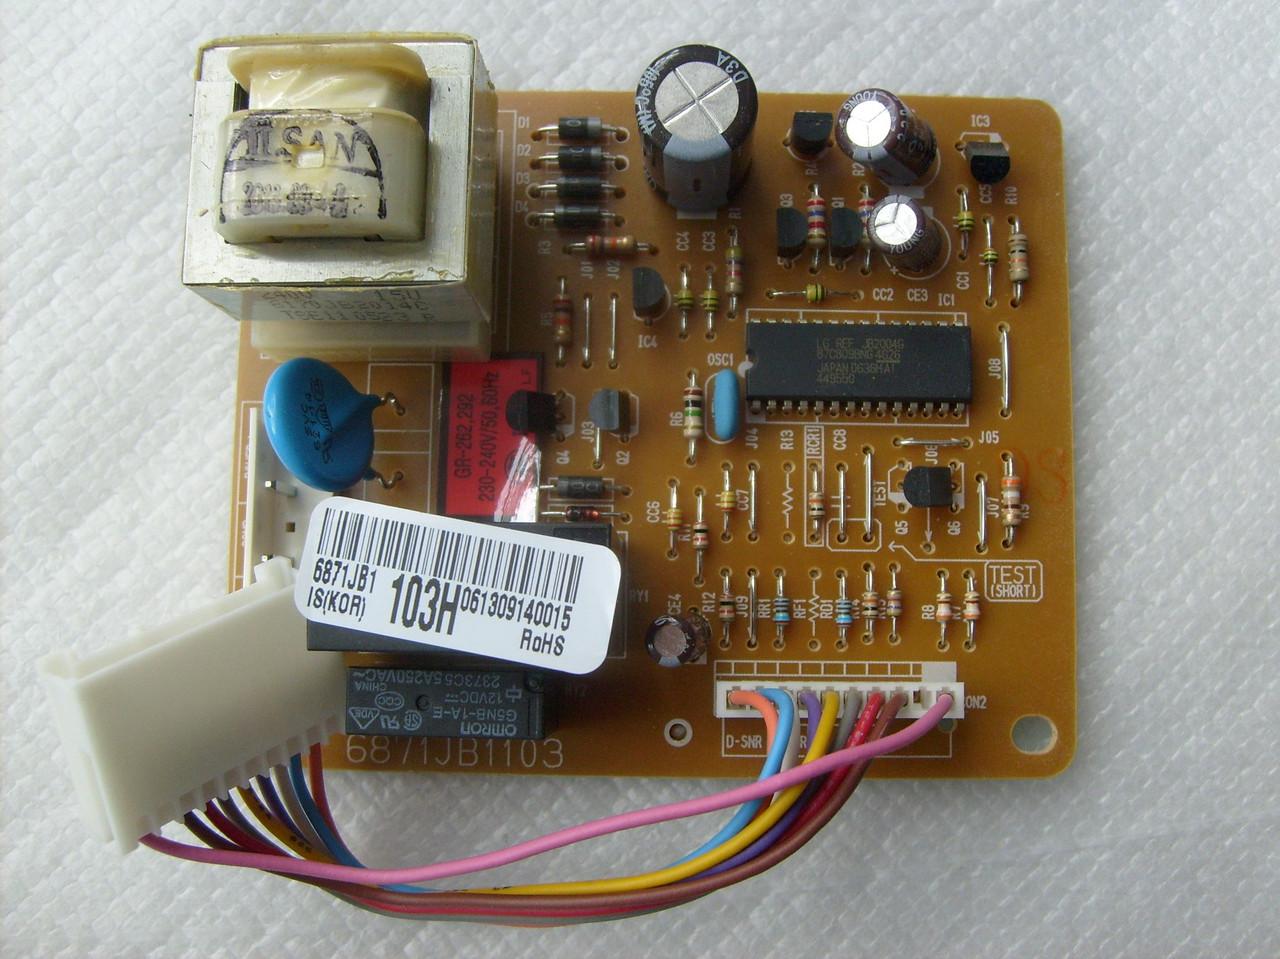 Модуль управления LG GR-292SQ 6871JB1103H